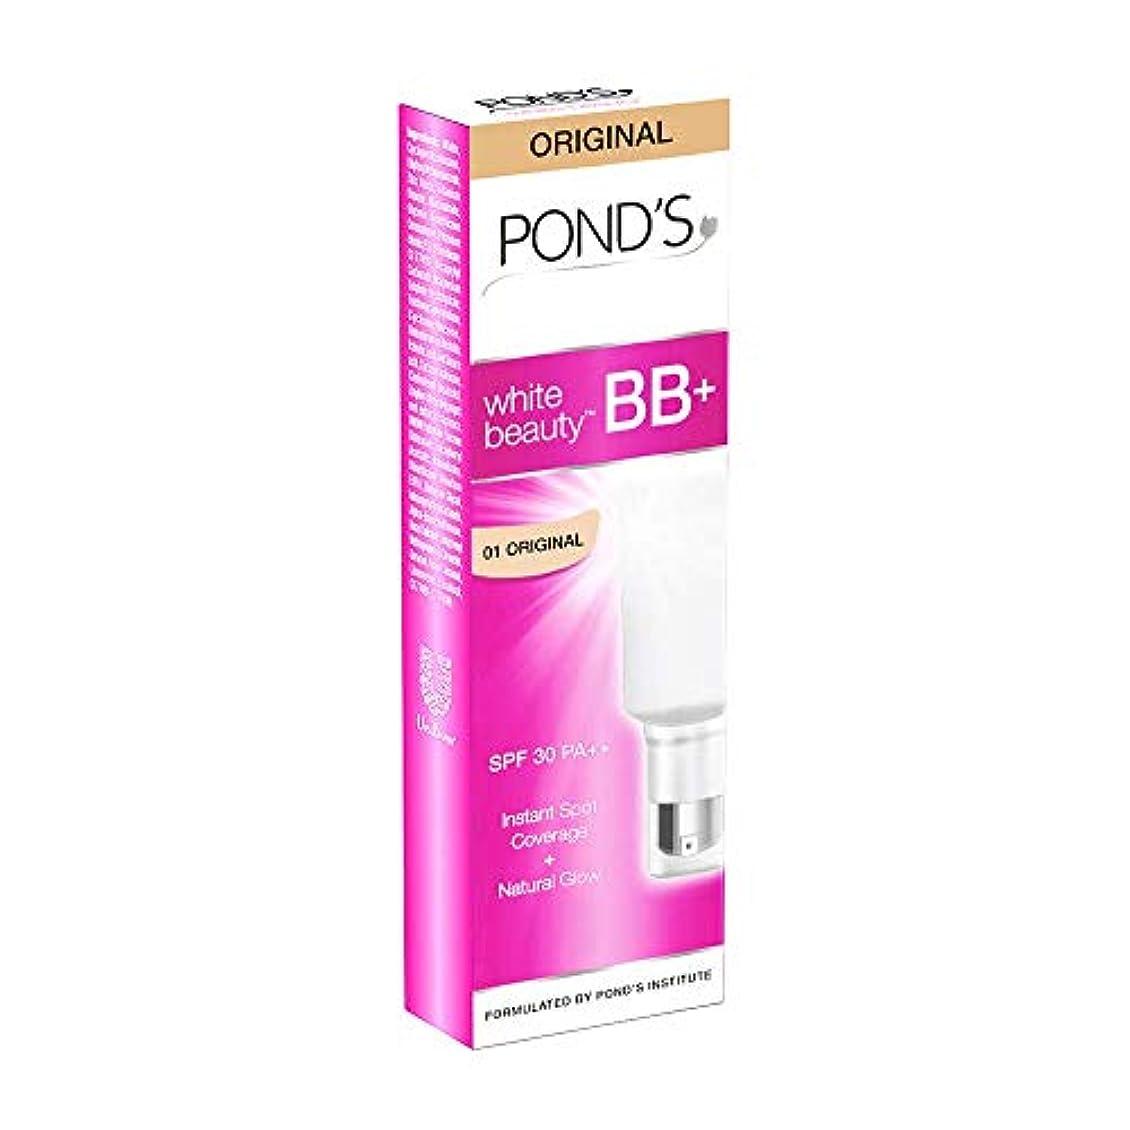 ひどくりんごに同意するPOND'S White Beauty All-in-One BB+ Fairness Cream SPF 30 PA++, 18g (Pack of 3)